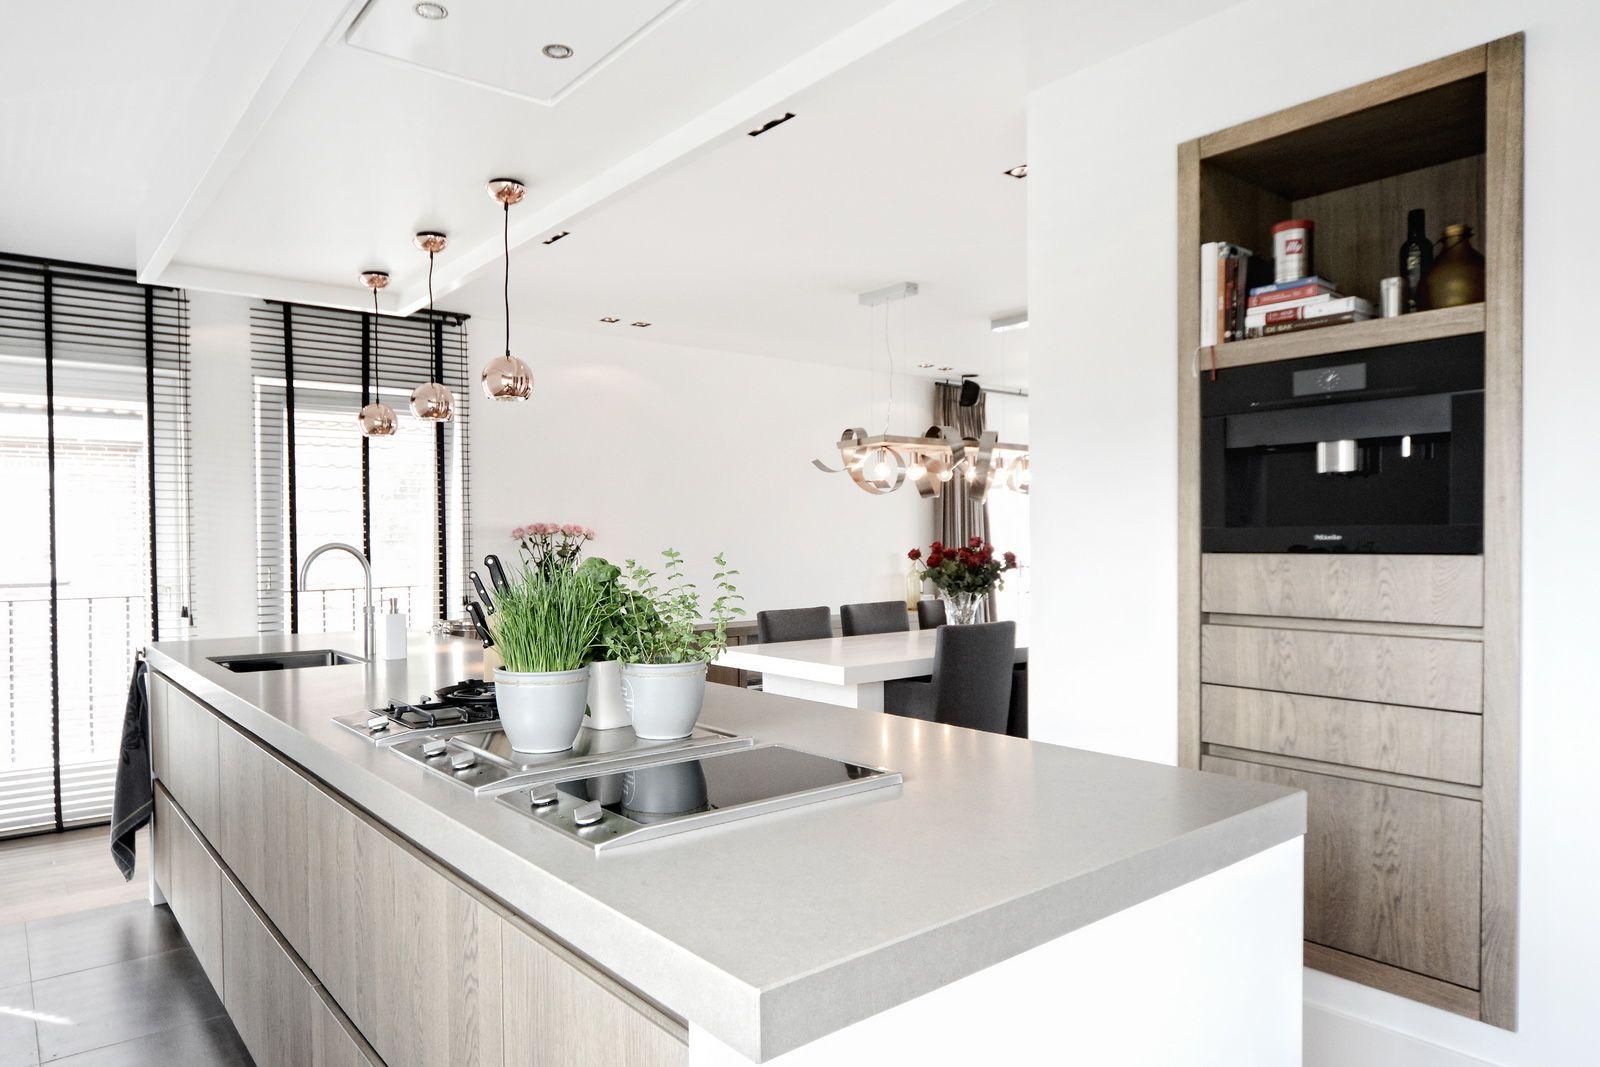 Meubelontwerp makerij & interieur kembra keuken in 2018